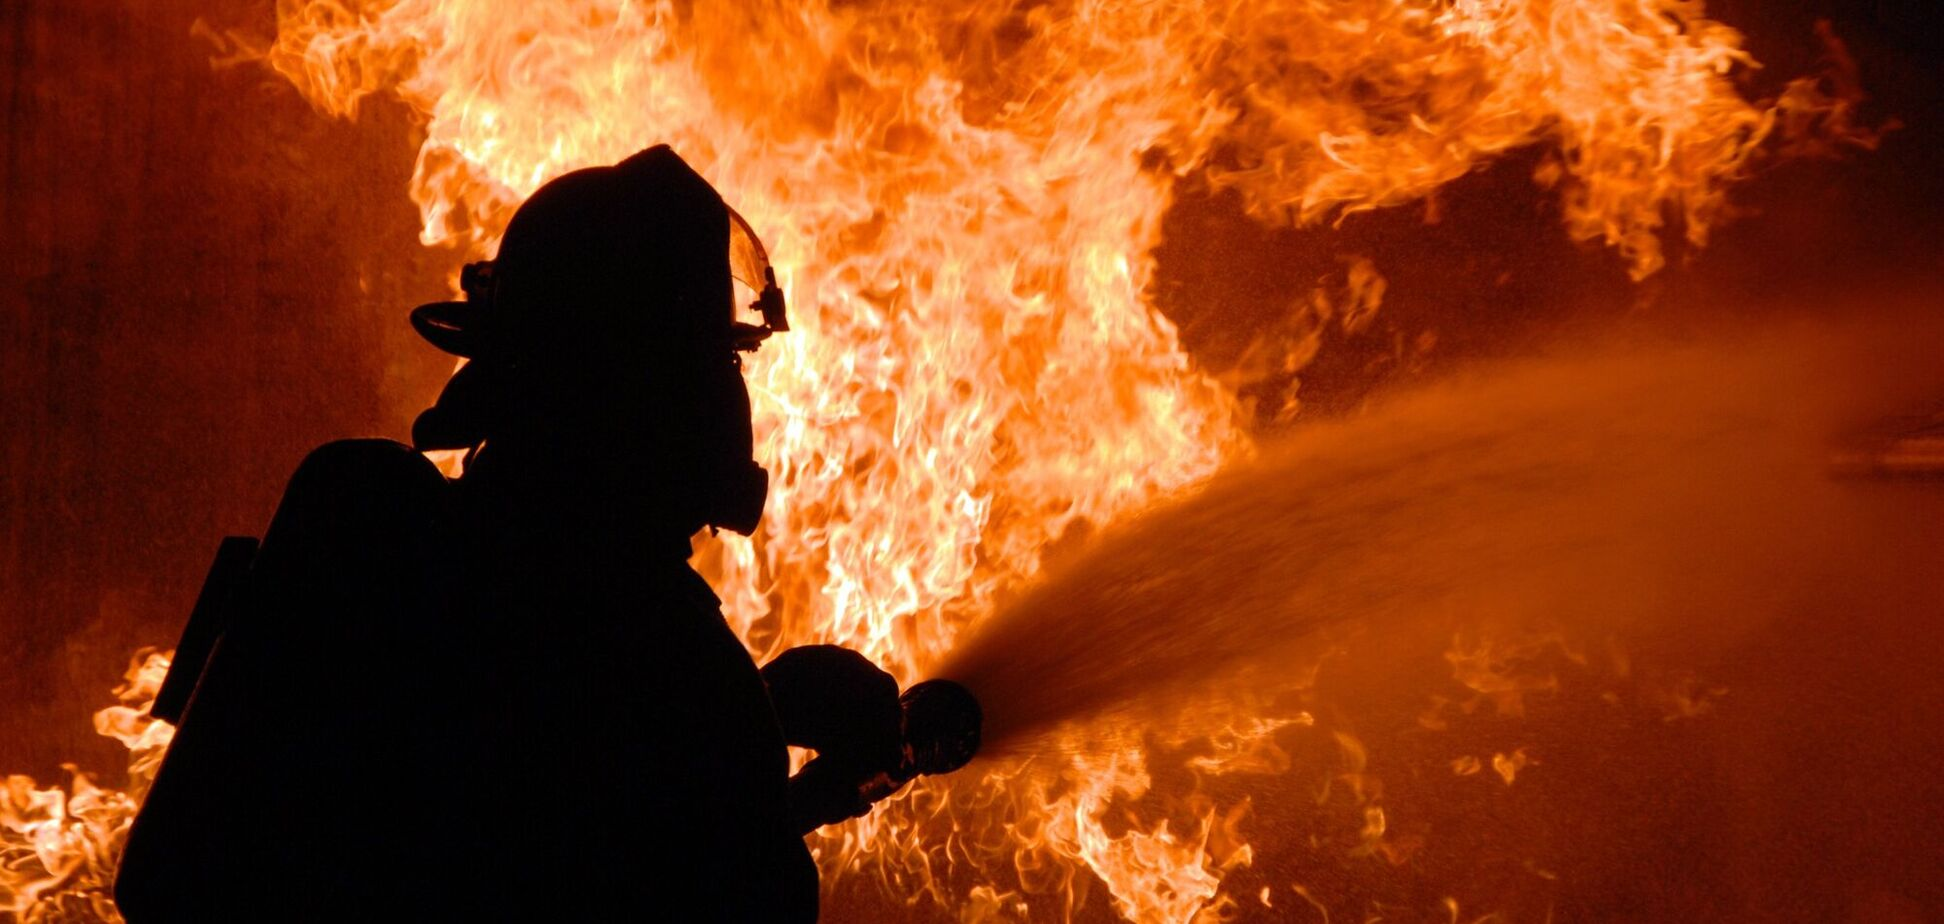 На Днепропетровщине в сгоревшем доме нашли фрагменты тела мужчины